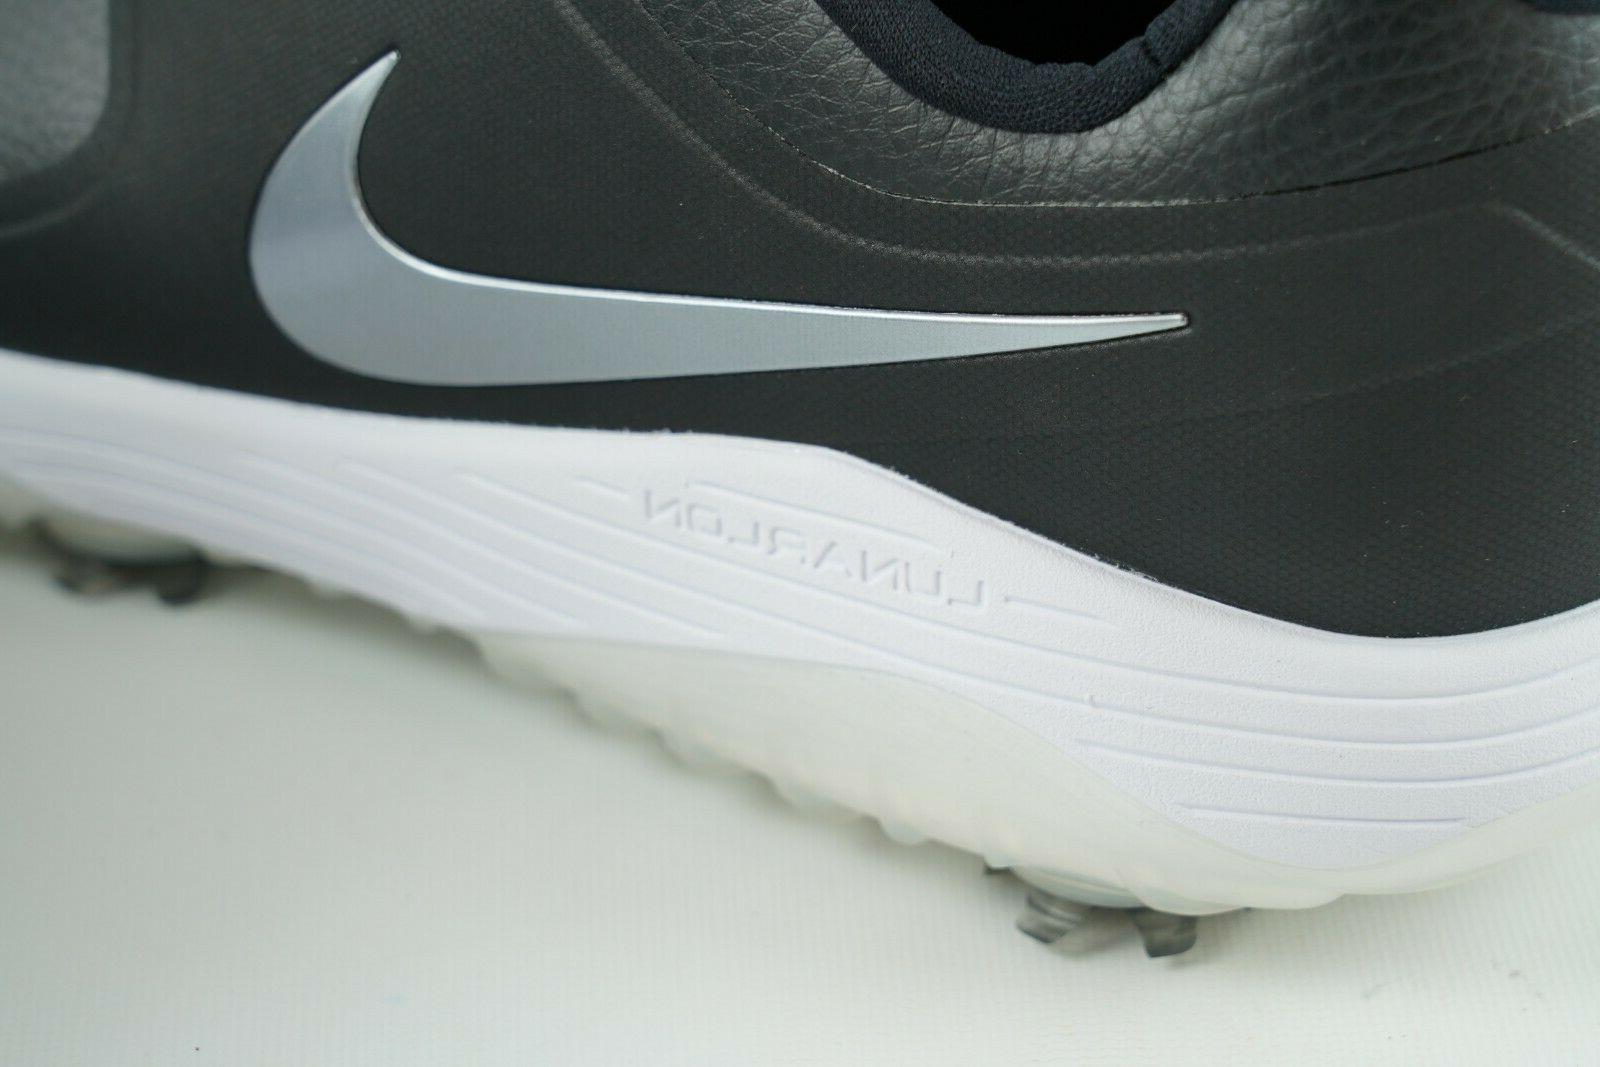 Nike Vapor Shoes AQ2197-001 Men's